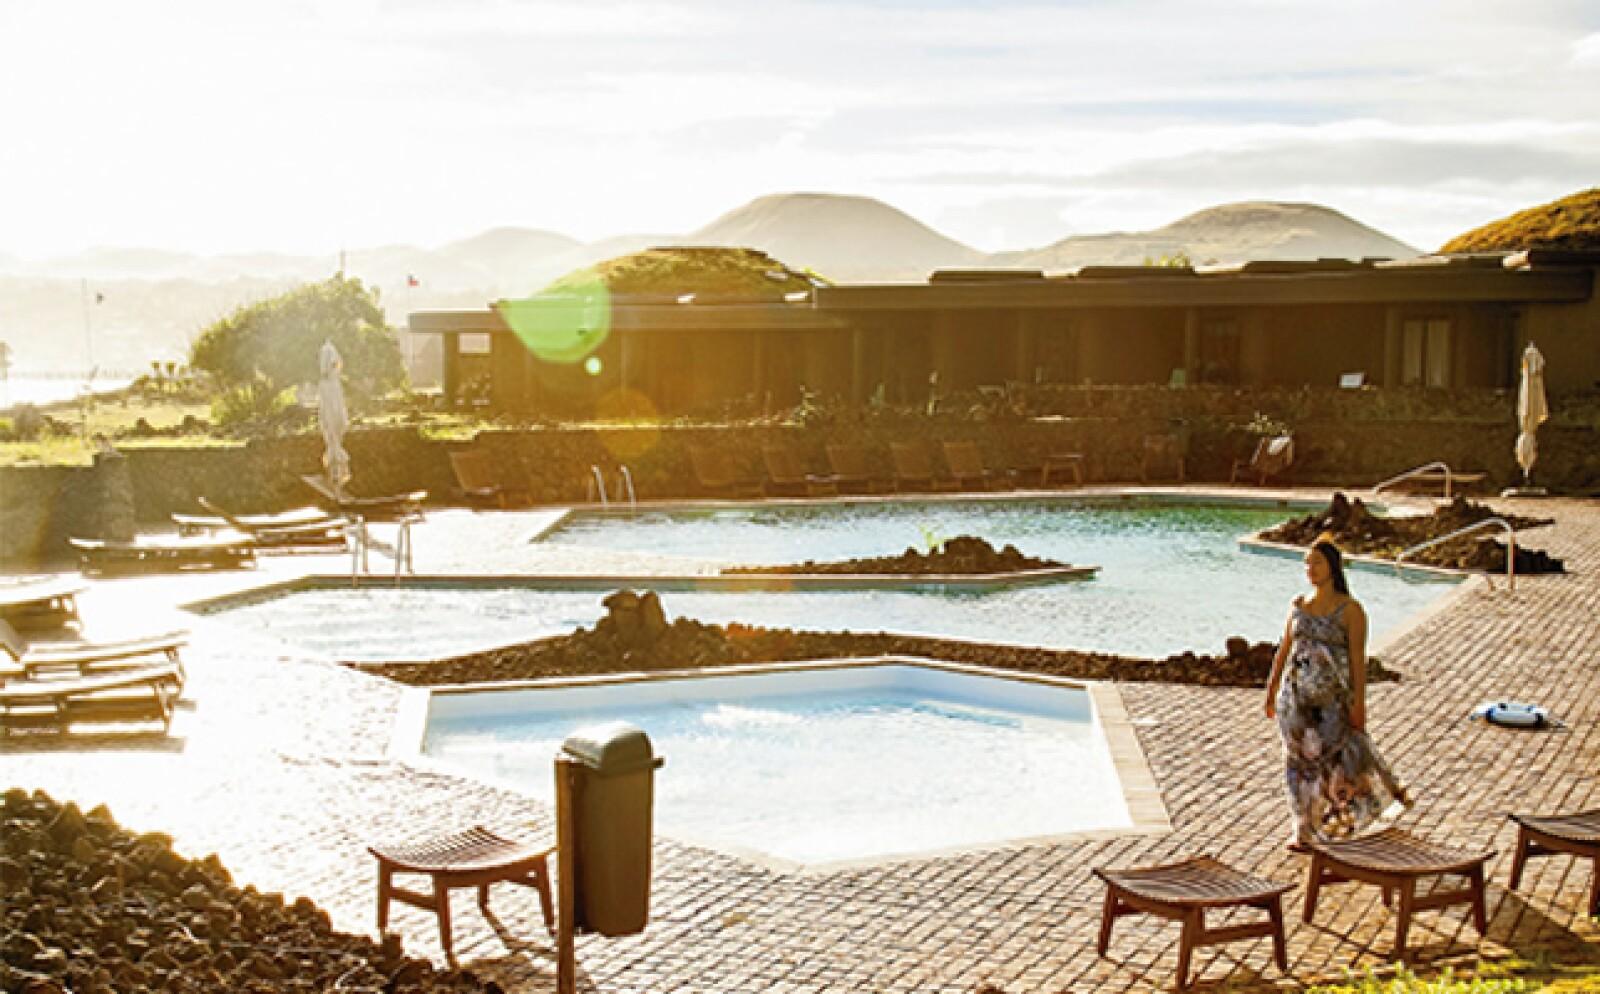 El hotel Hanga Roa Eco Village & Spa reproduce en sus habitaciones de piedra y techos de hierba verde limón, el centro ceremonial de la antigua aldea de Orongo, uno de los 100 sitios en mayor peligro de extinción.